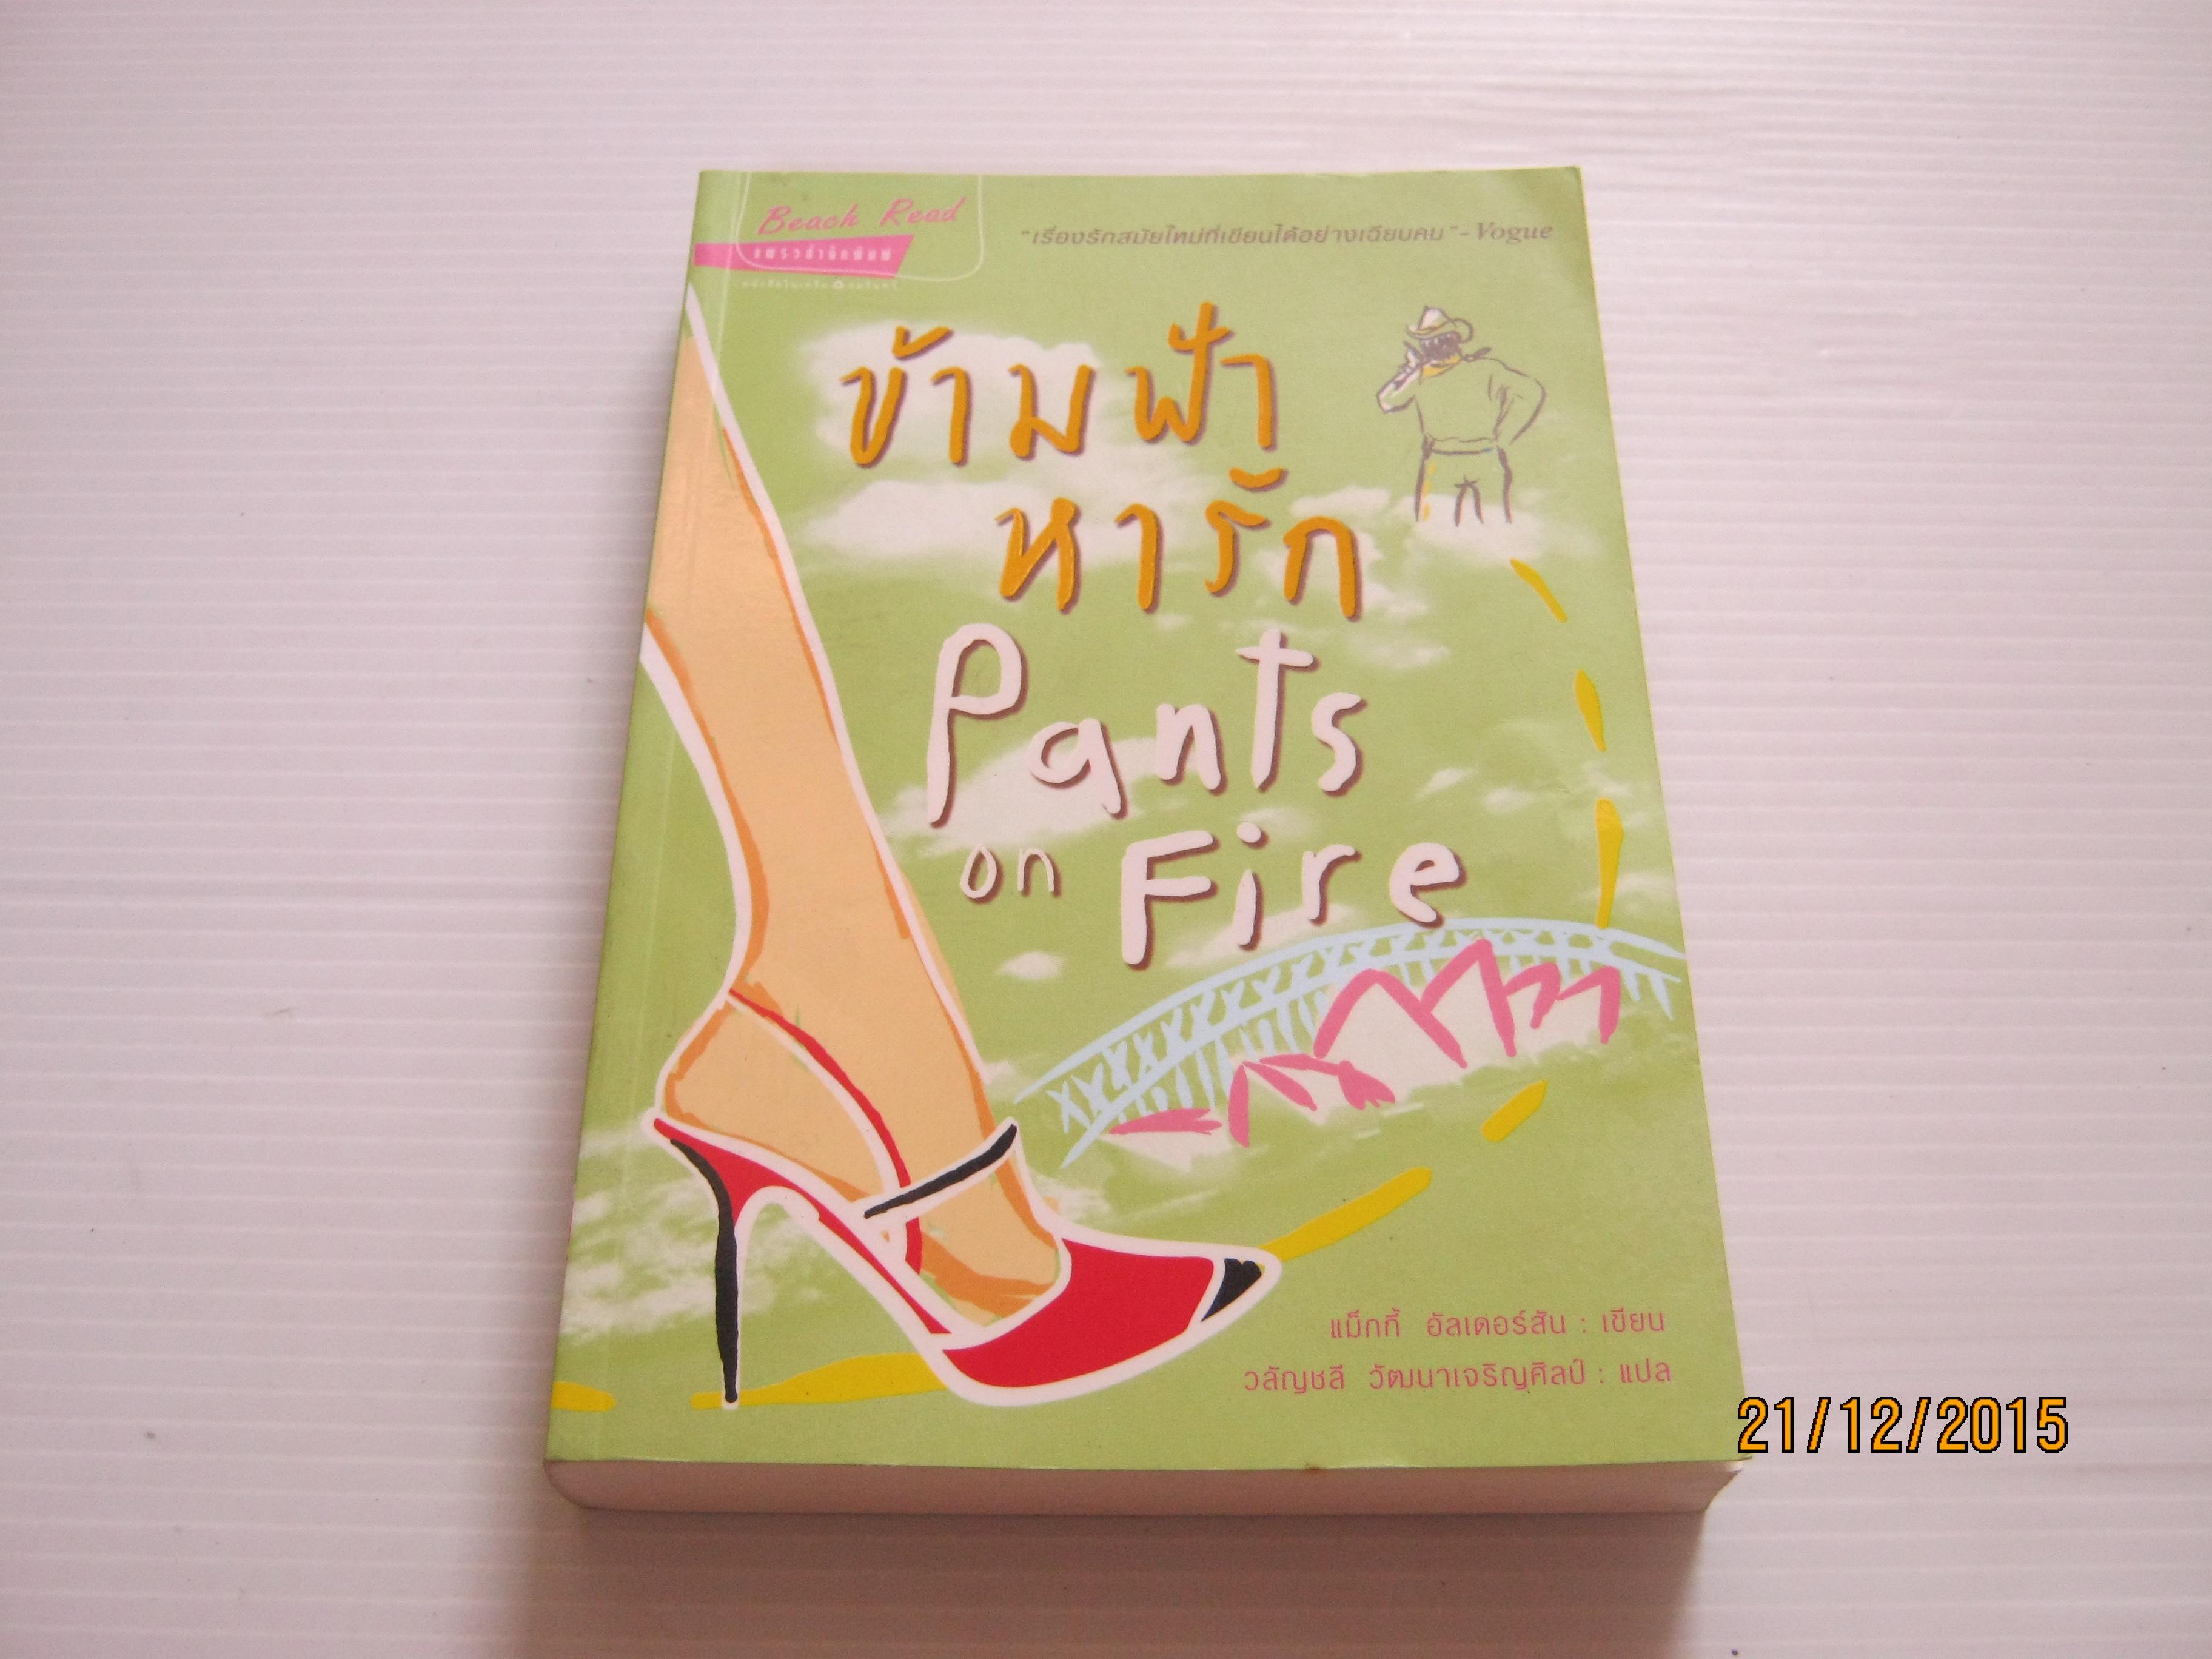 ข้ามฟ้าหารัก (Pants on Fire) แม็กกี้ อัลเดอร์สัน เขียน วลัญชลี วัฒนาเจริญศิลป์ แปล